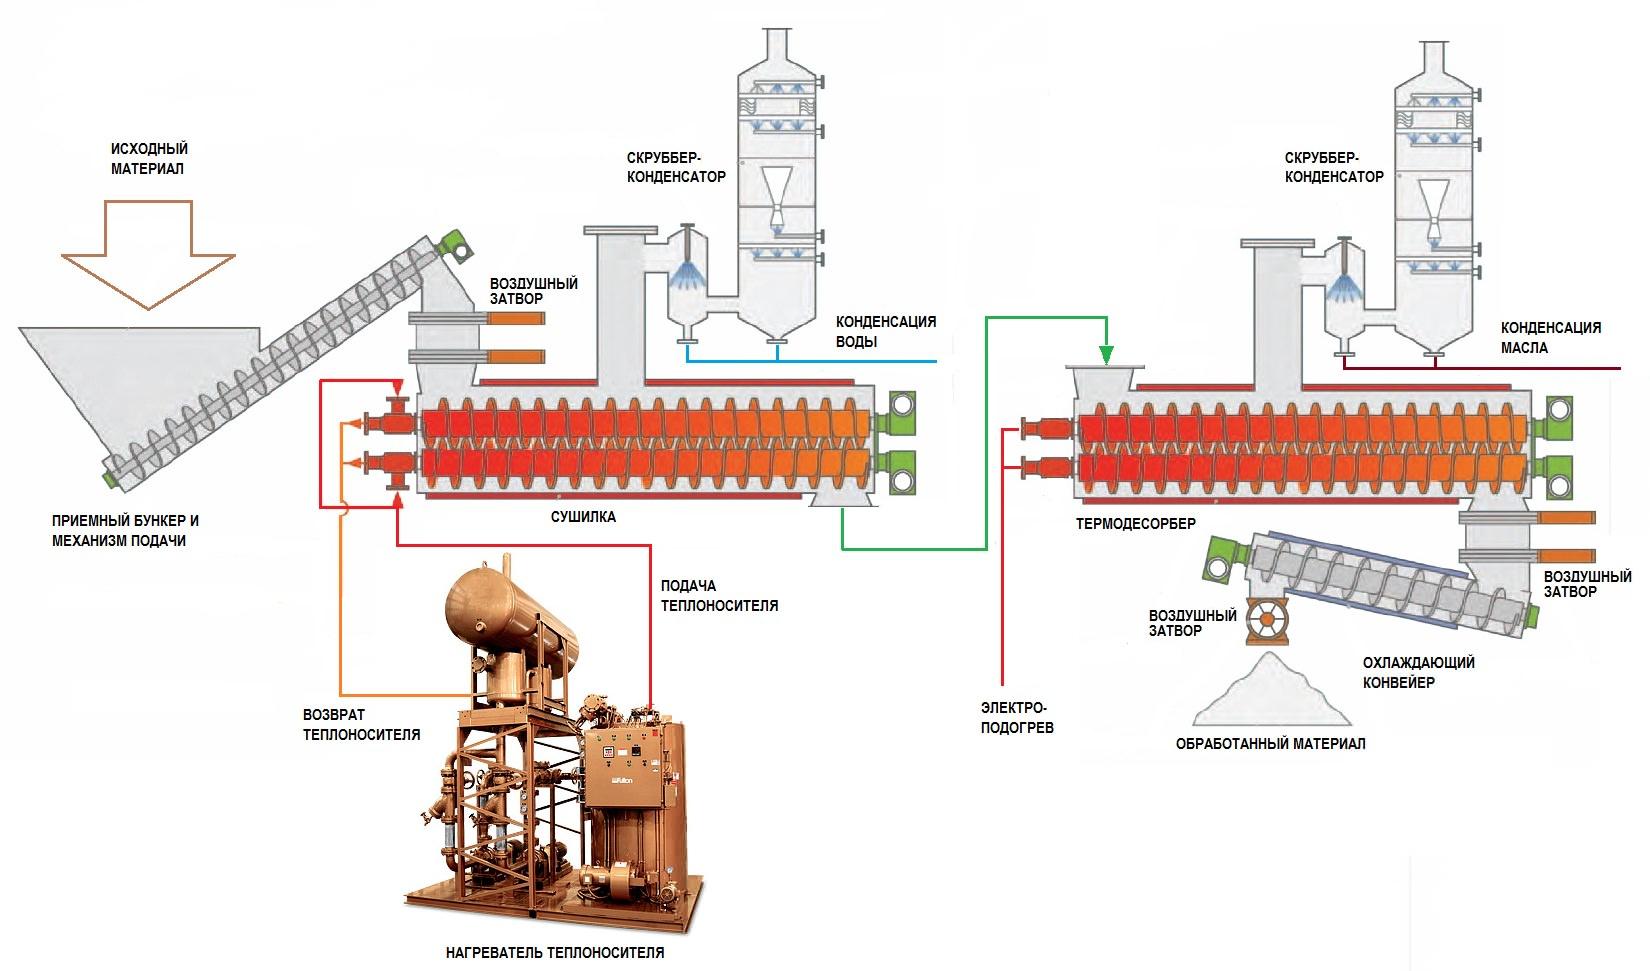 вывод предлагаемая технология переработки отходов не эффективна: